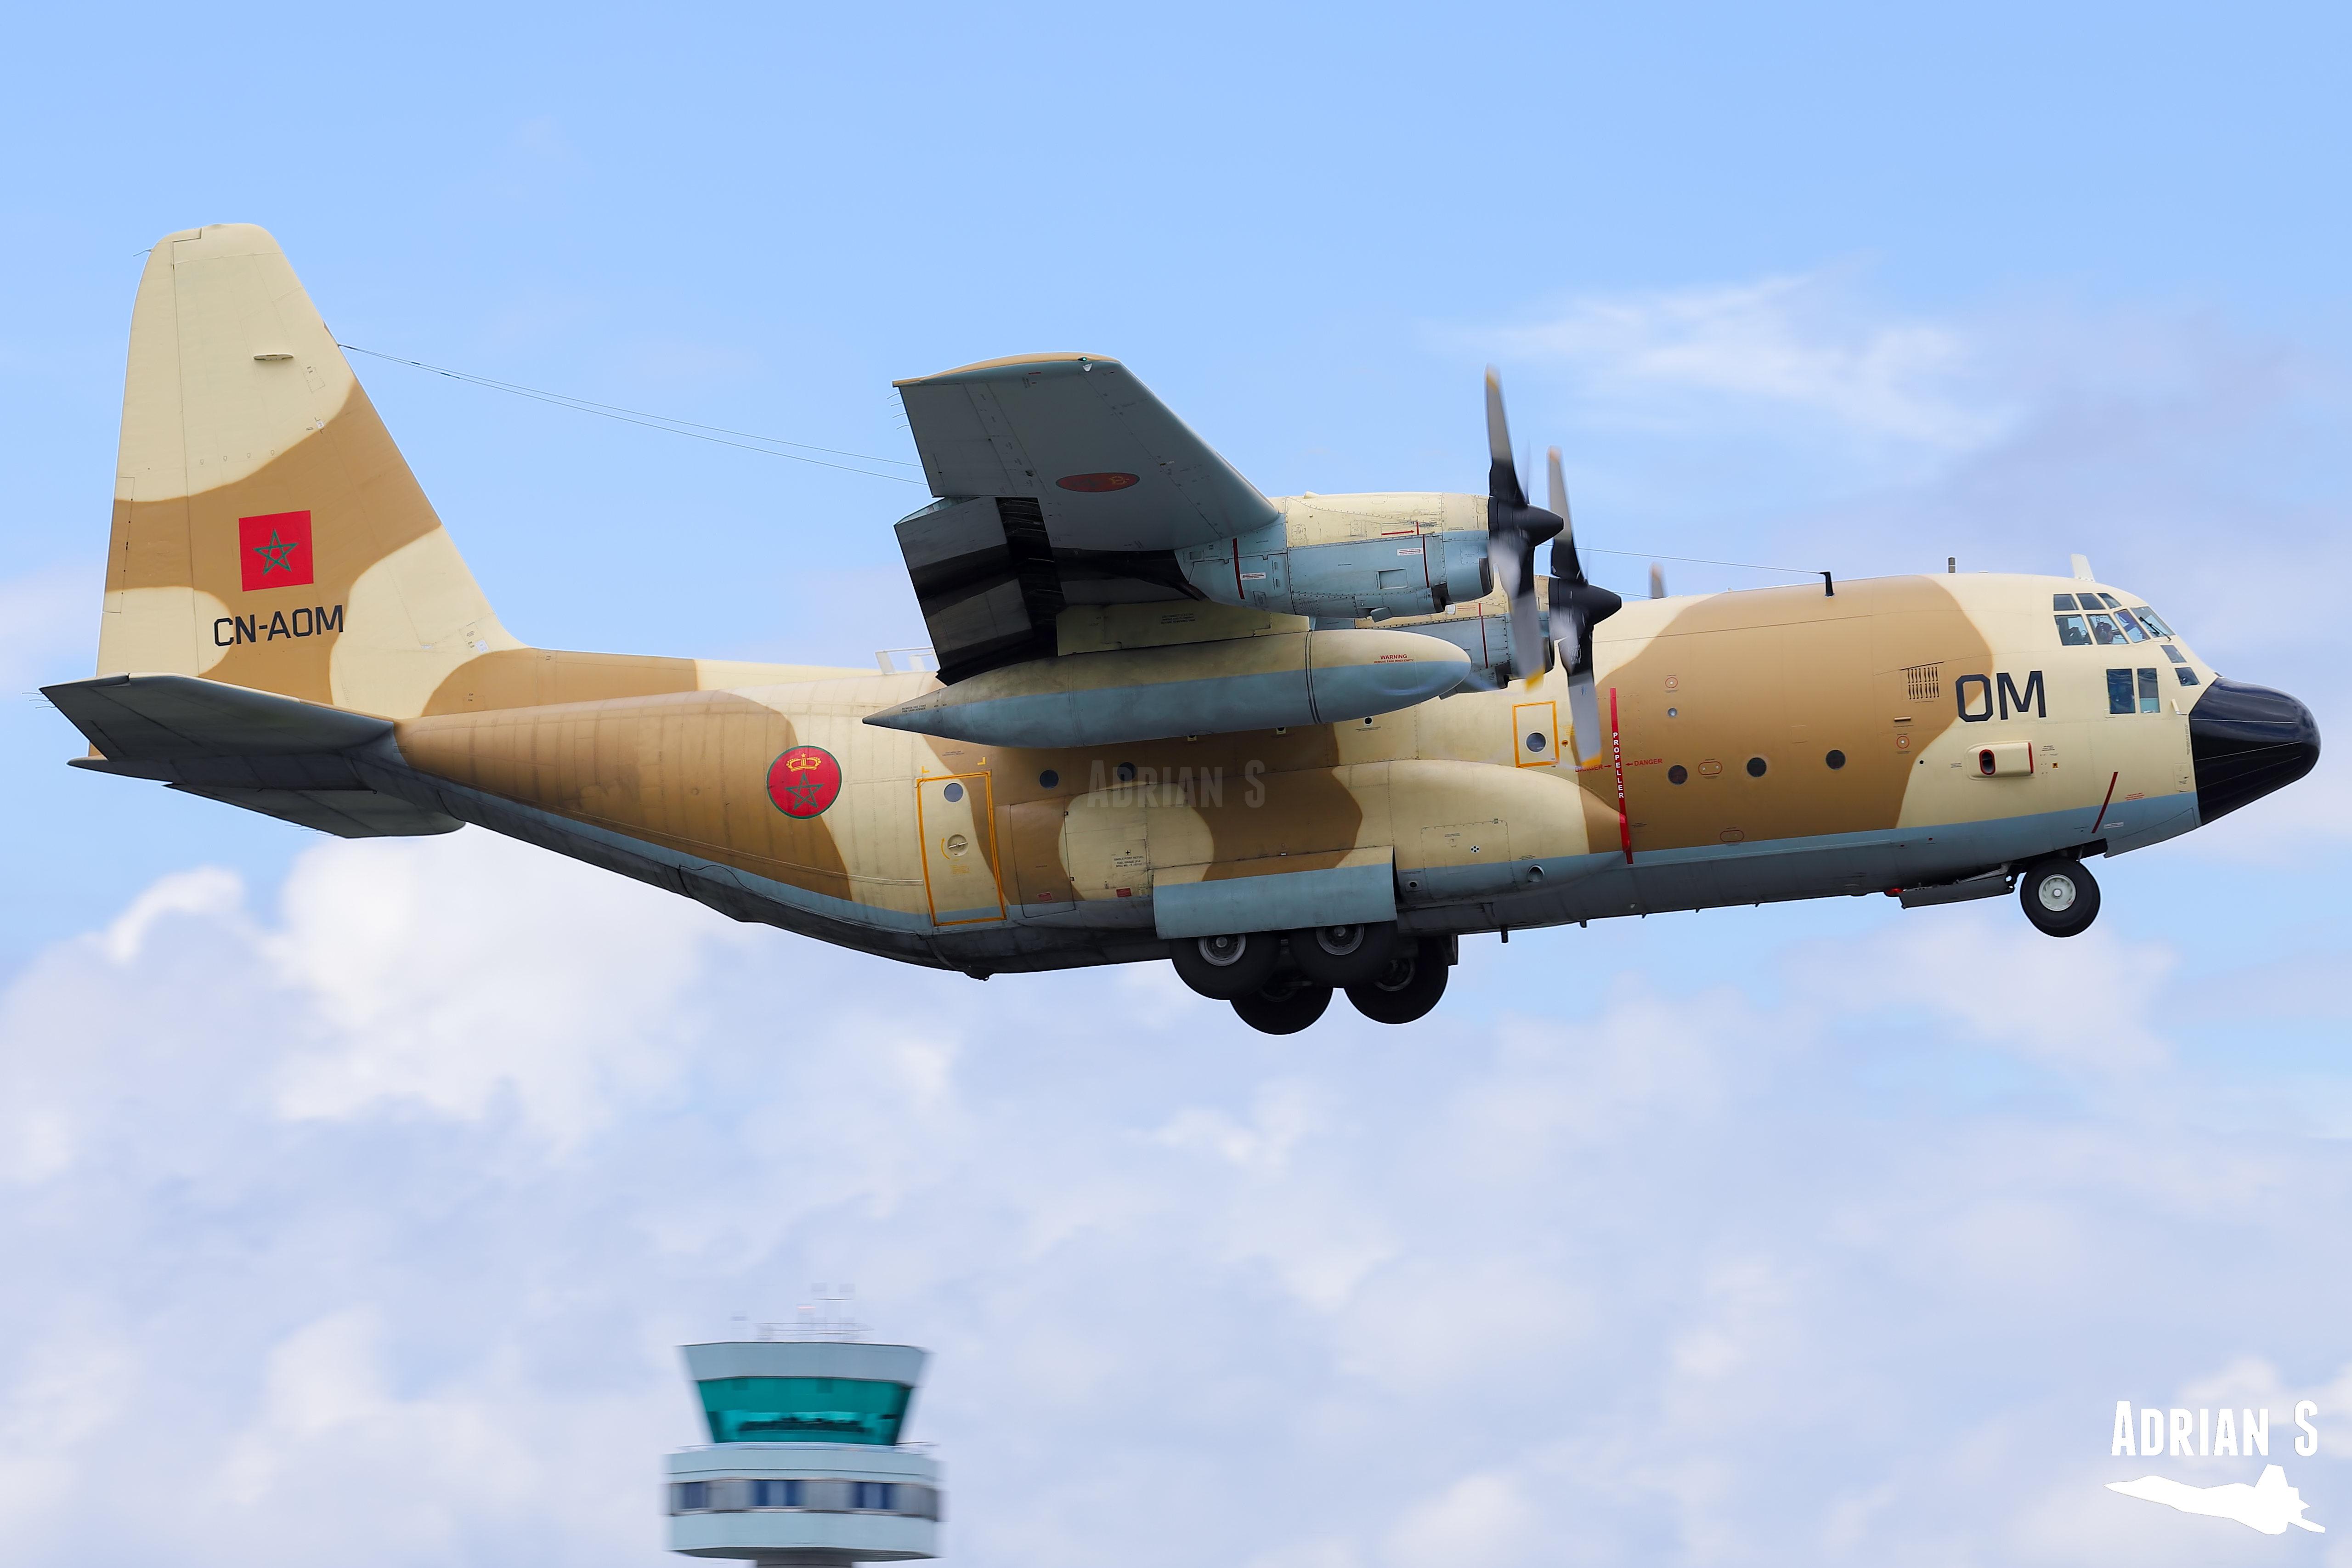 FRA: Photos d'avions de transport - Page 43 51266115476_2ddf3fff5d_5k